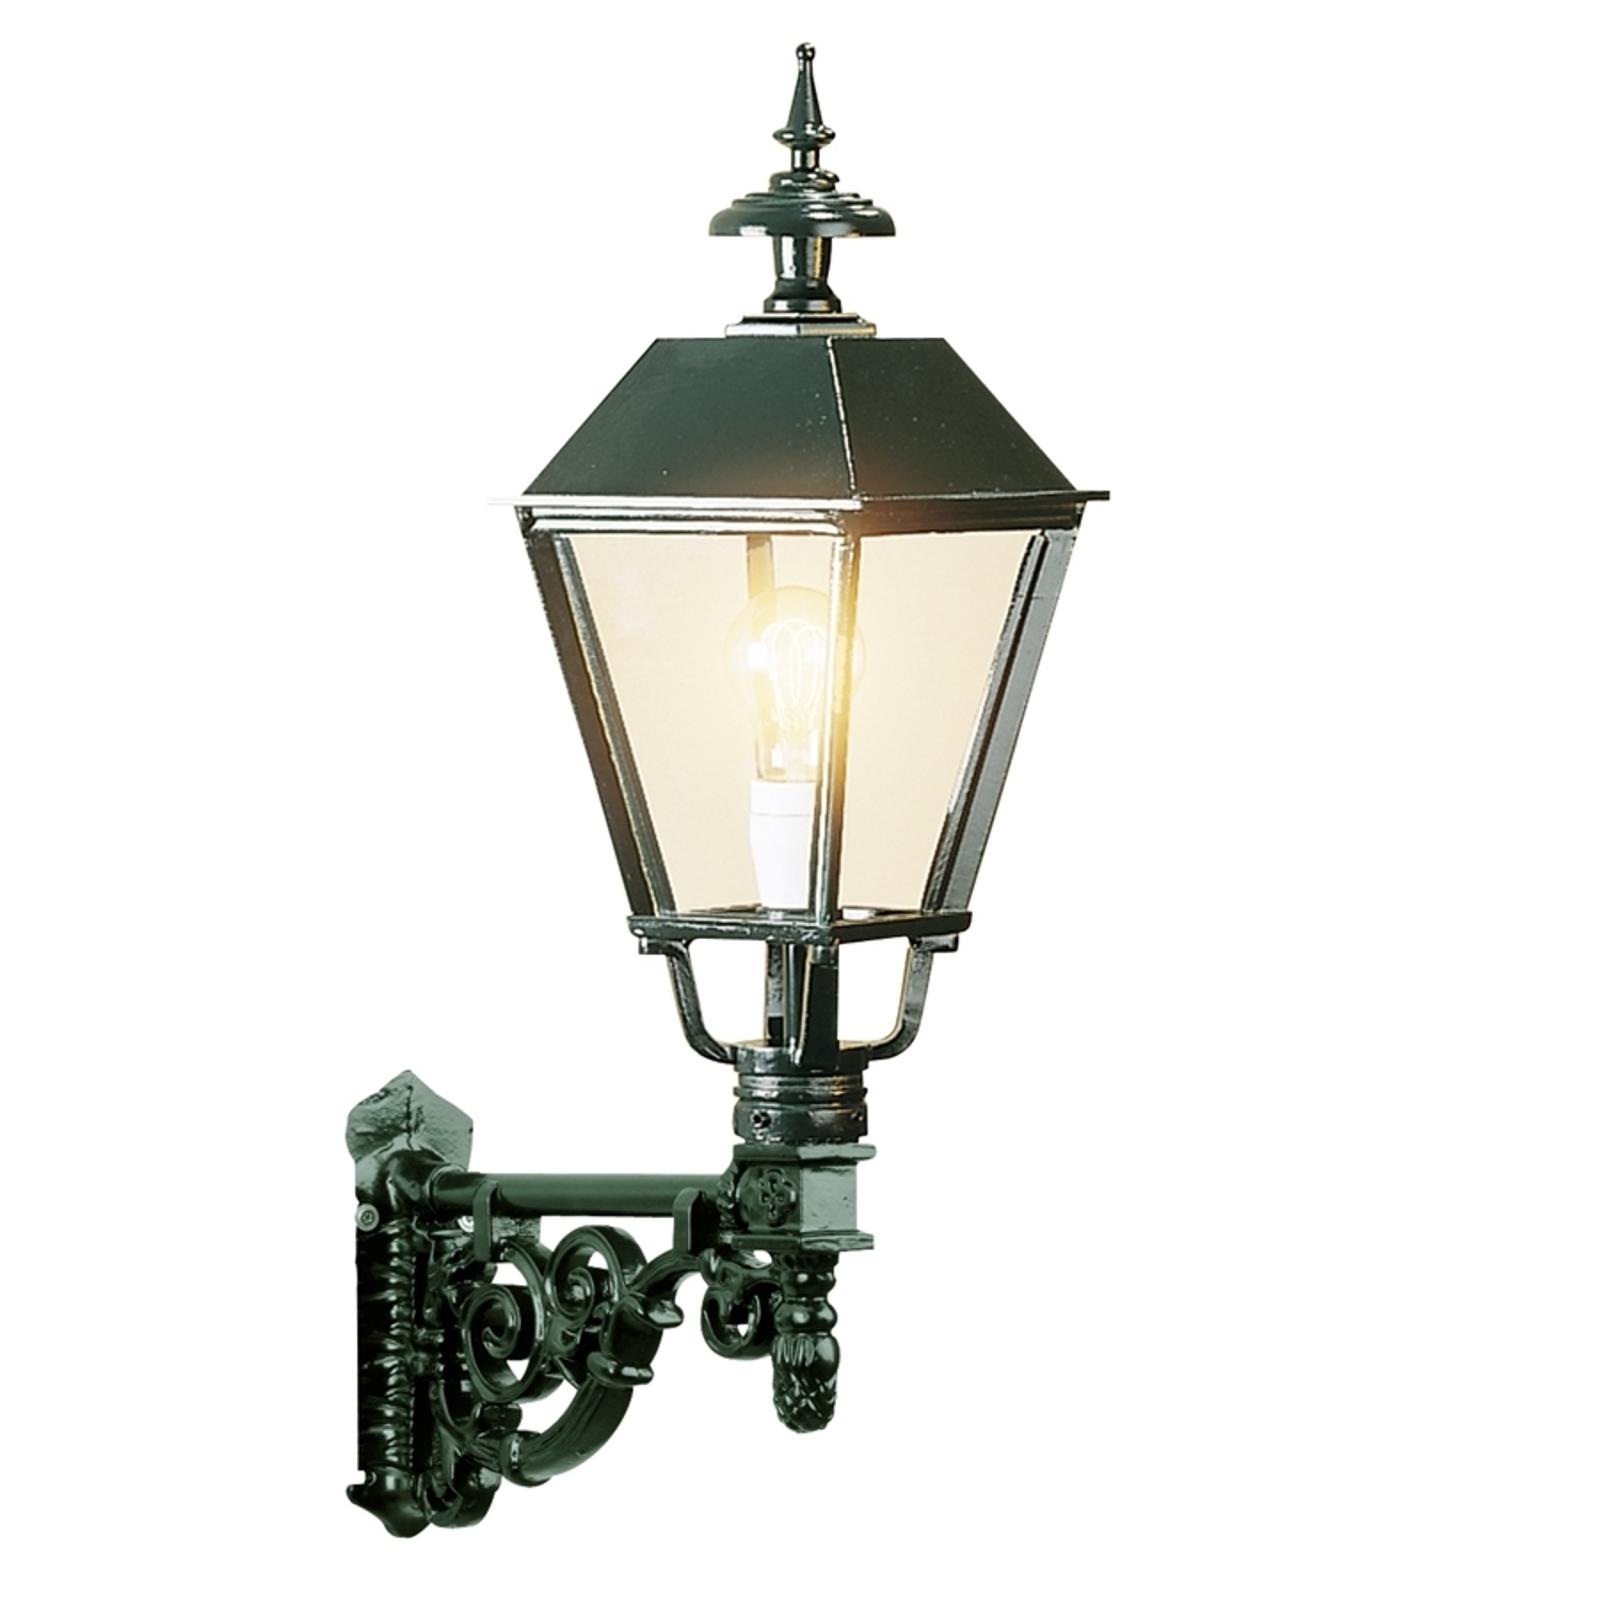 Zewnętrzna lampa ścienna Zandvoort, zielona